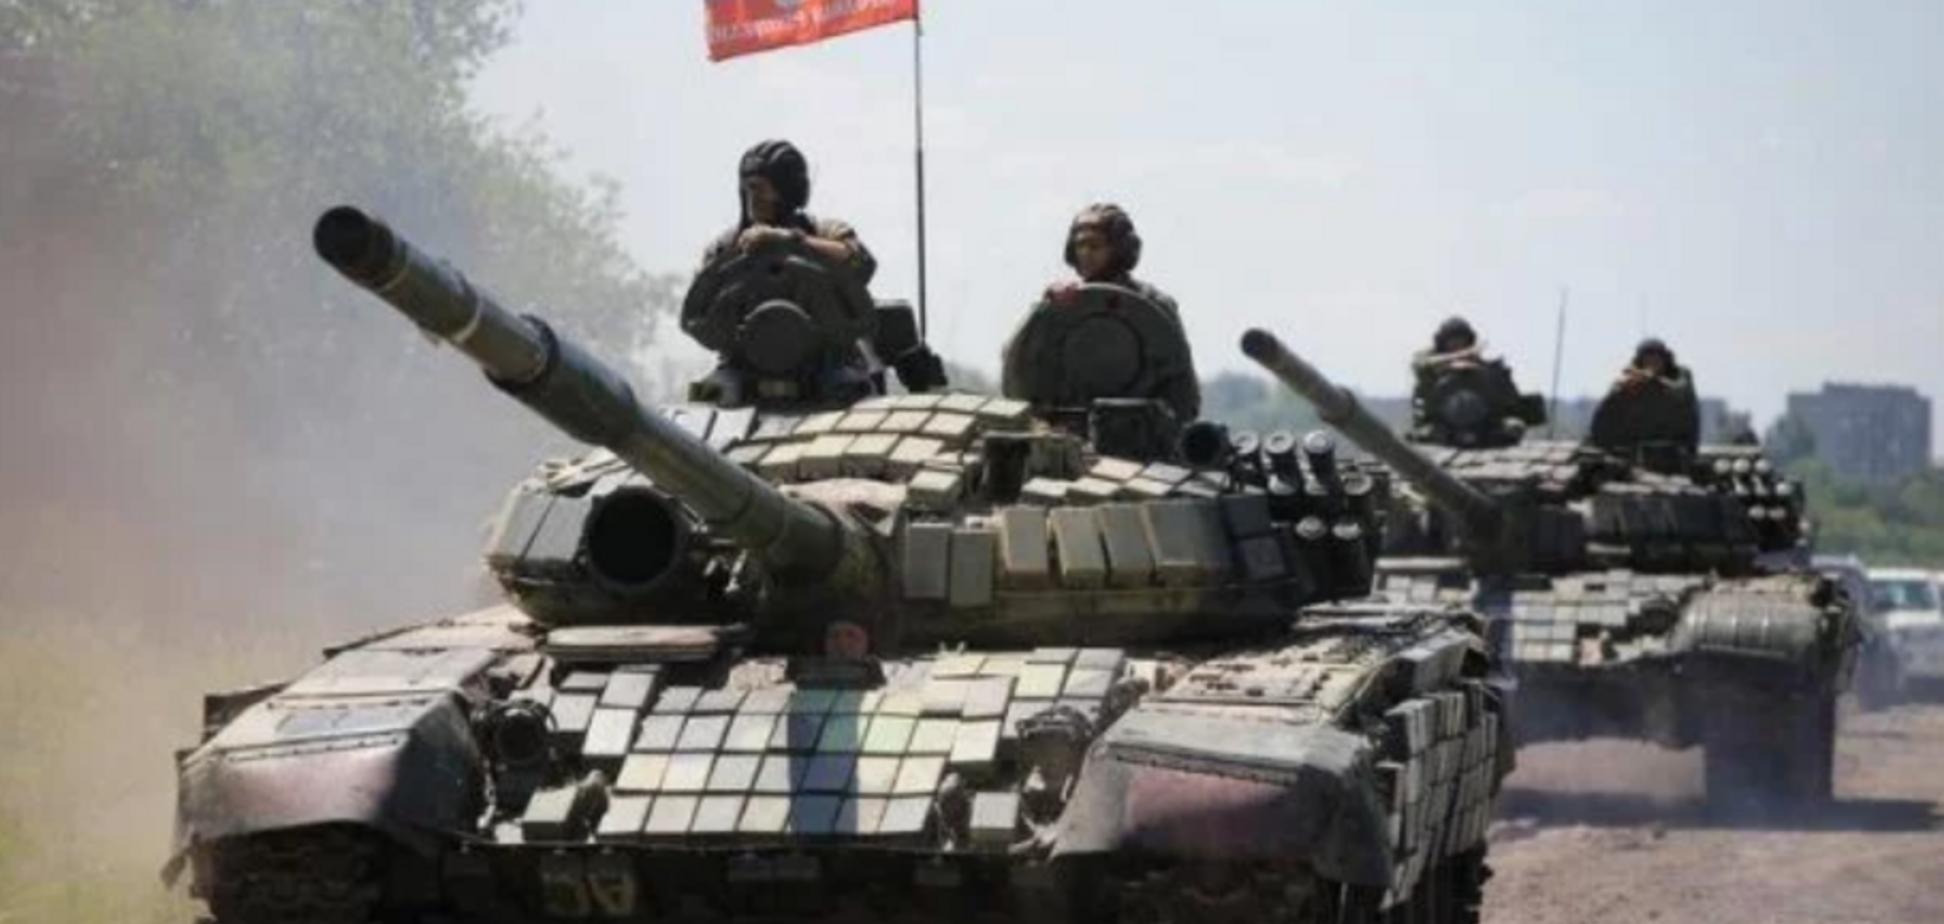 Терористи підло обстріляли ЗСУ на Донбасі: кількість жертв зросла